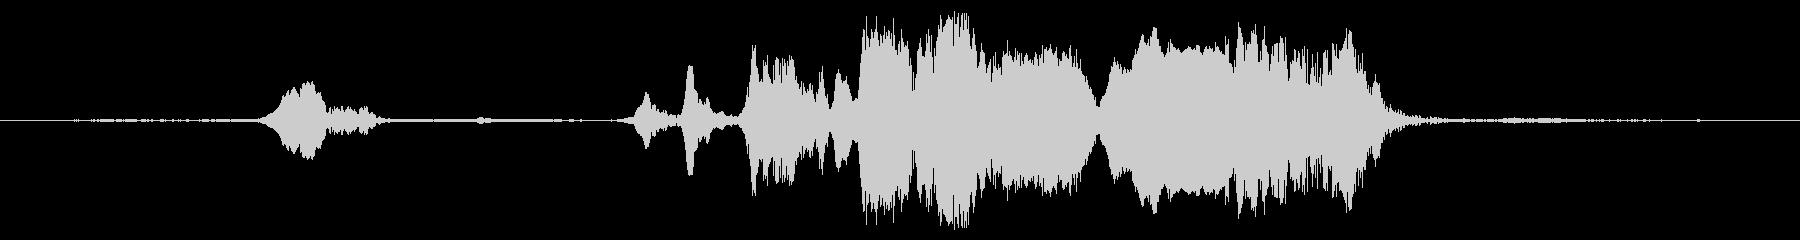 大きな研磨うめき声、長いの未再生の波形